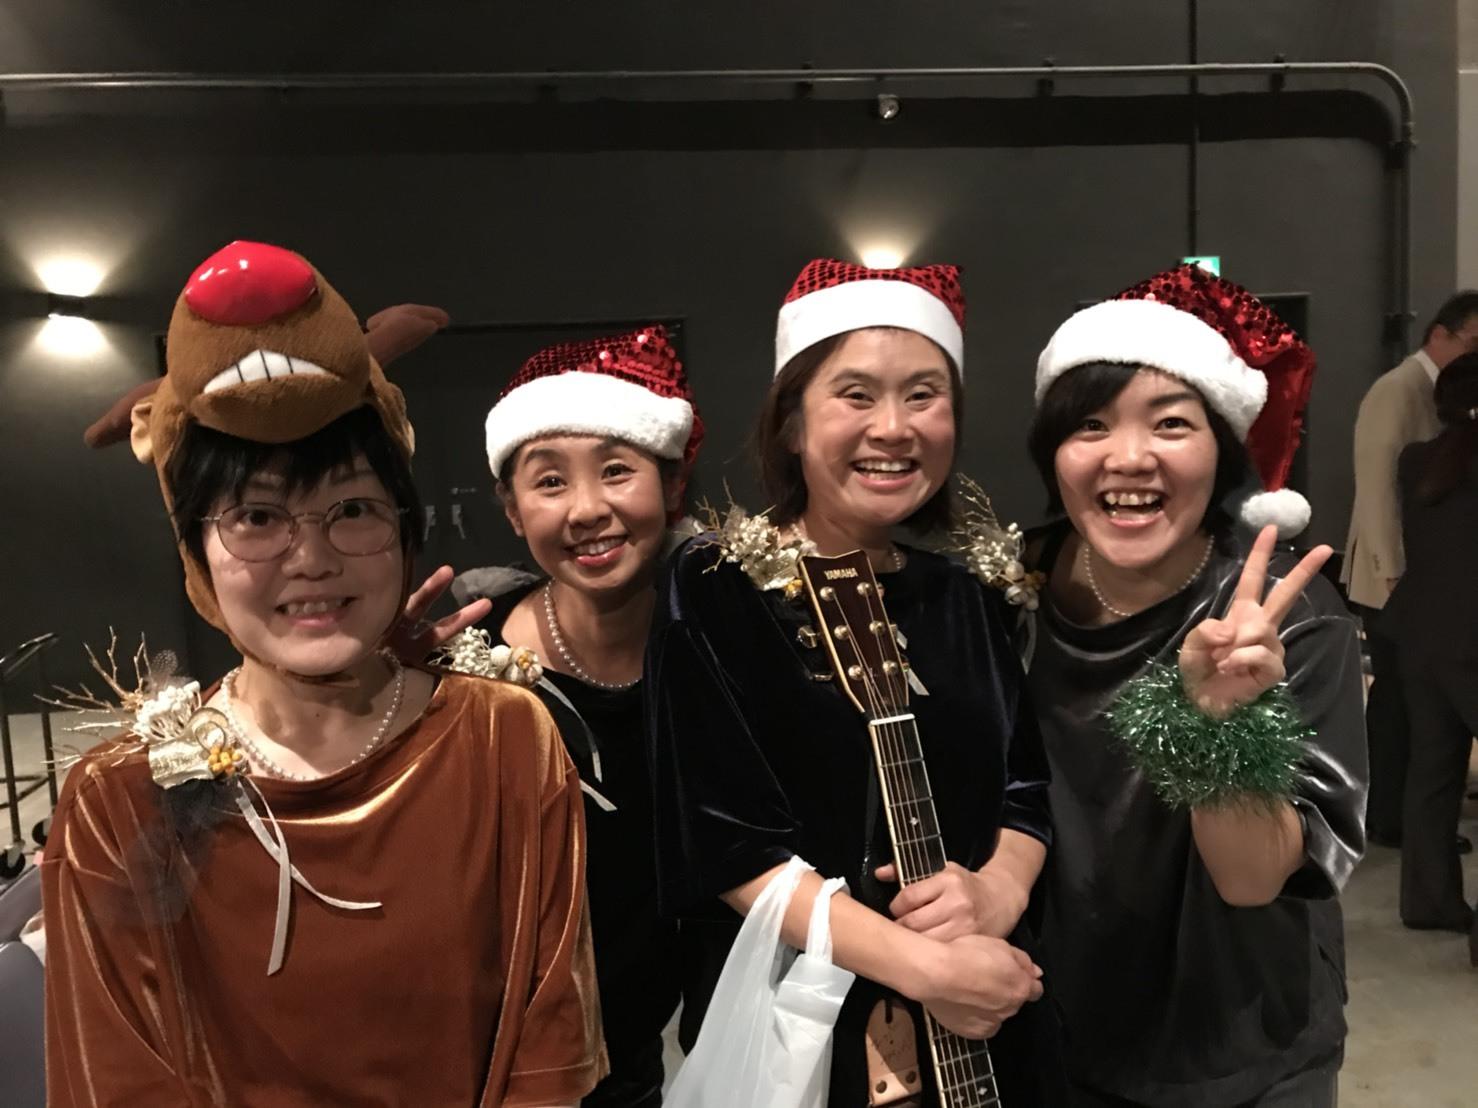 第11回童謡 歌唱フェスティバル in さくらぴあ_b0356852_16231407.jpg